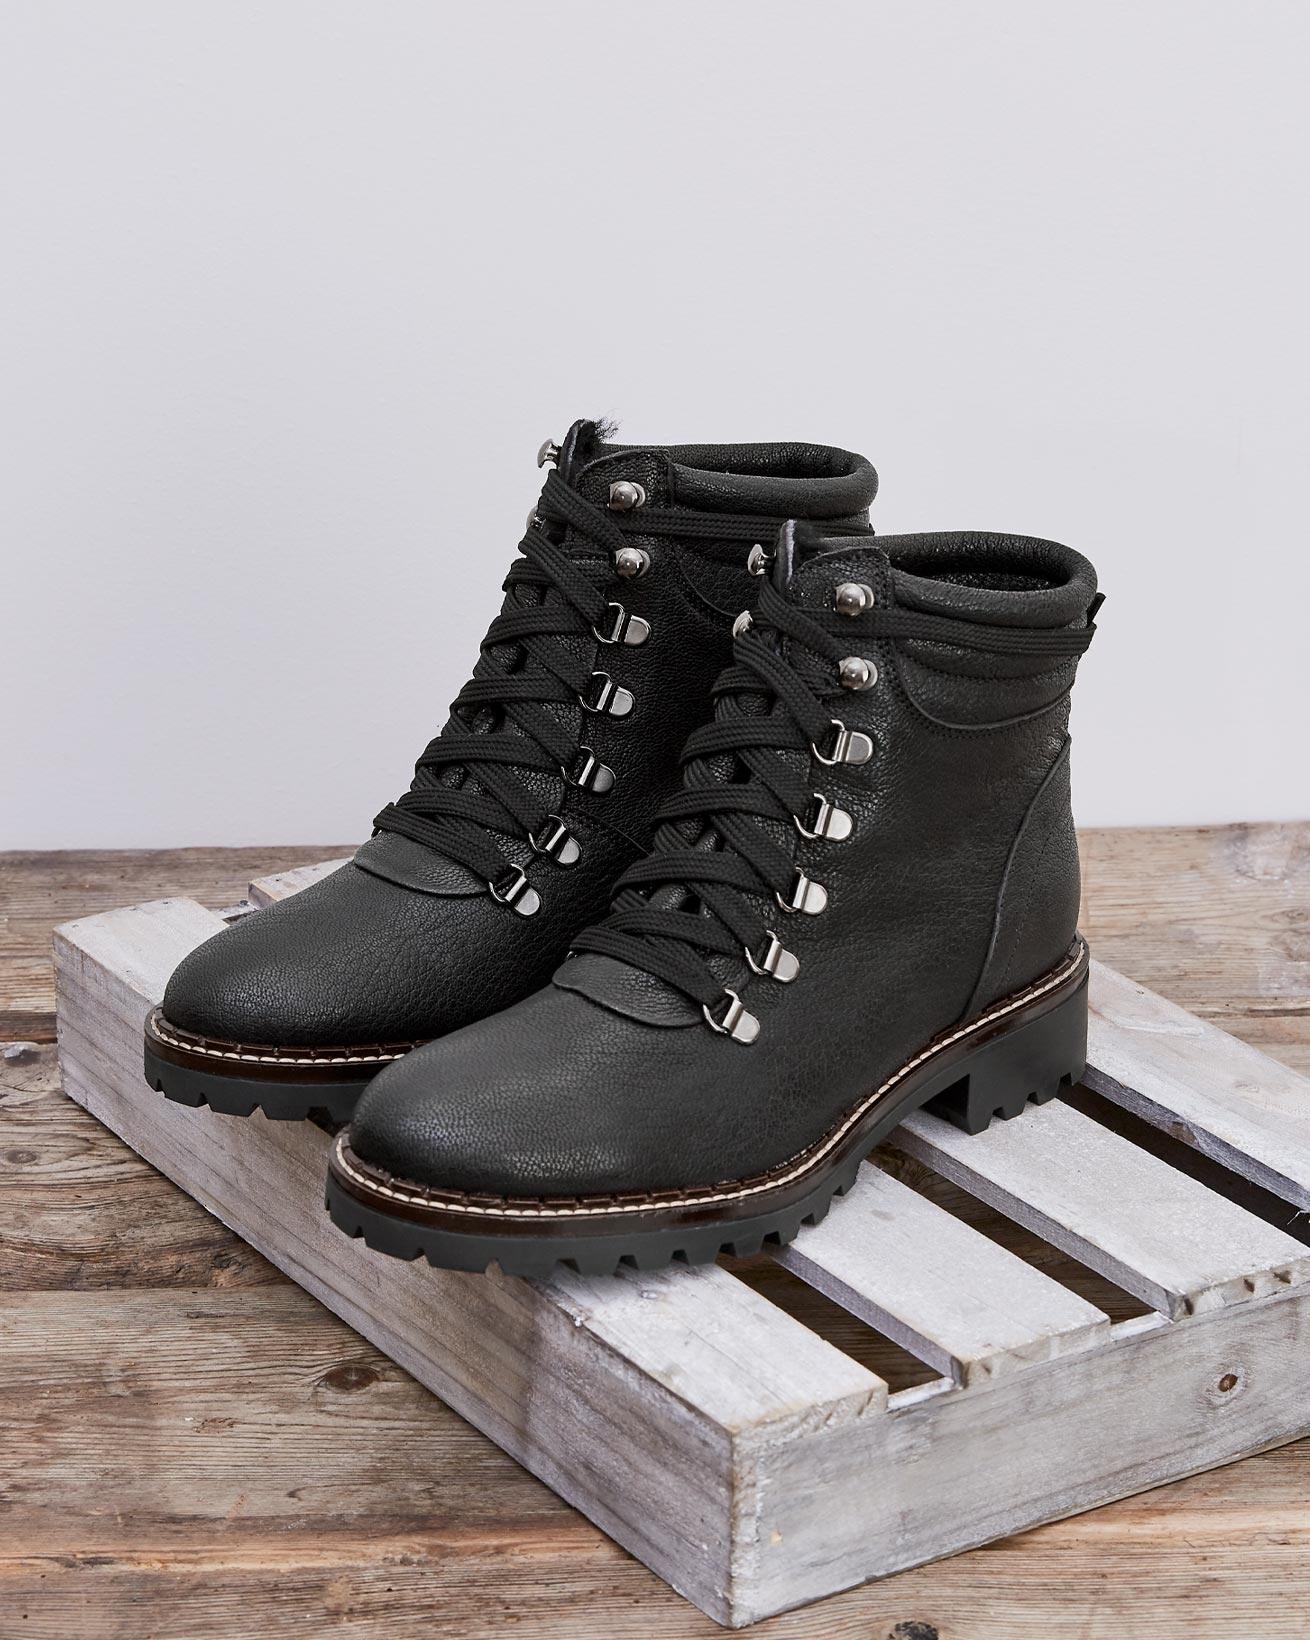 Hiker Boots